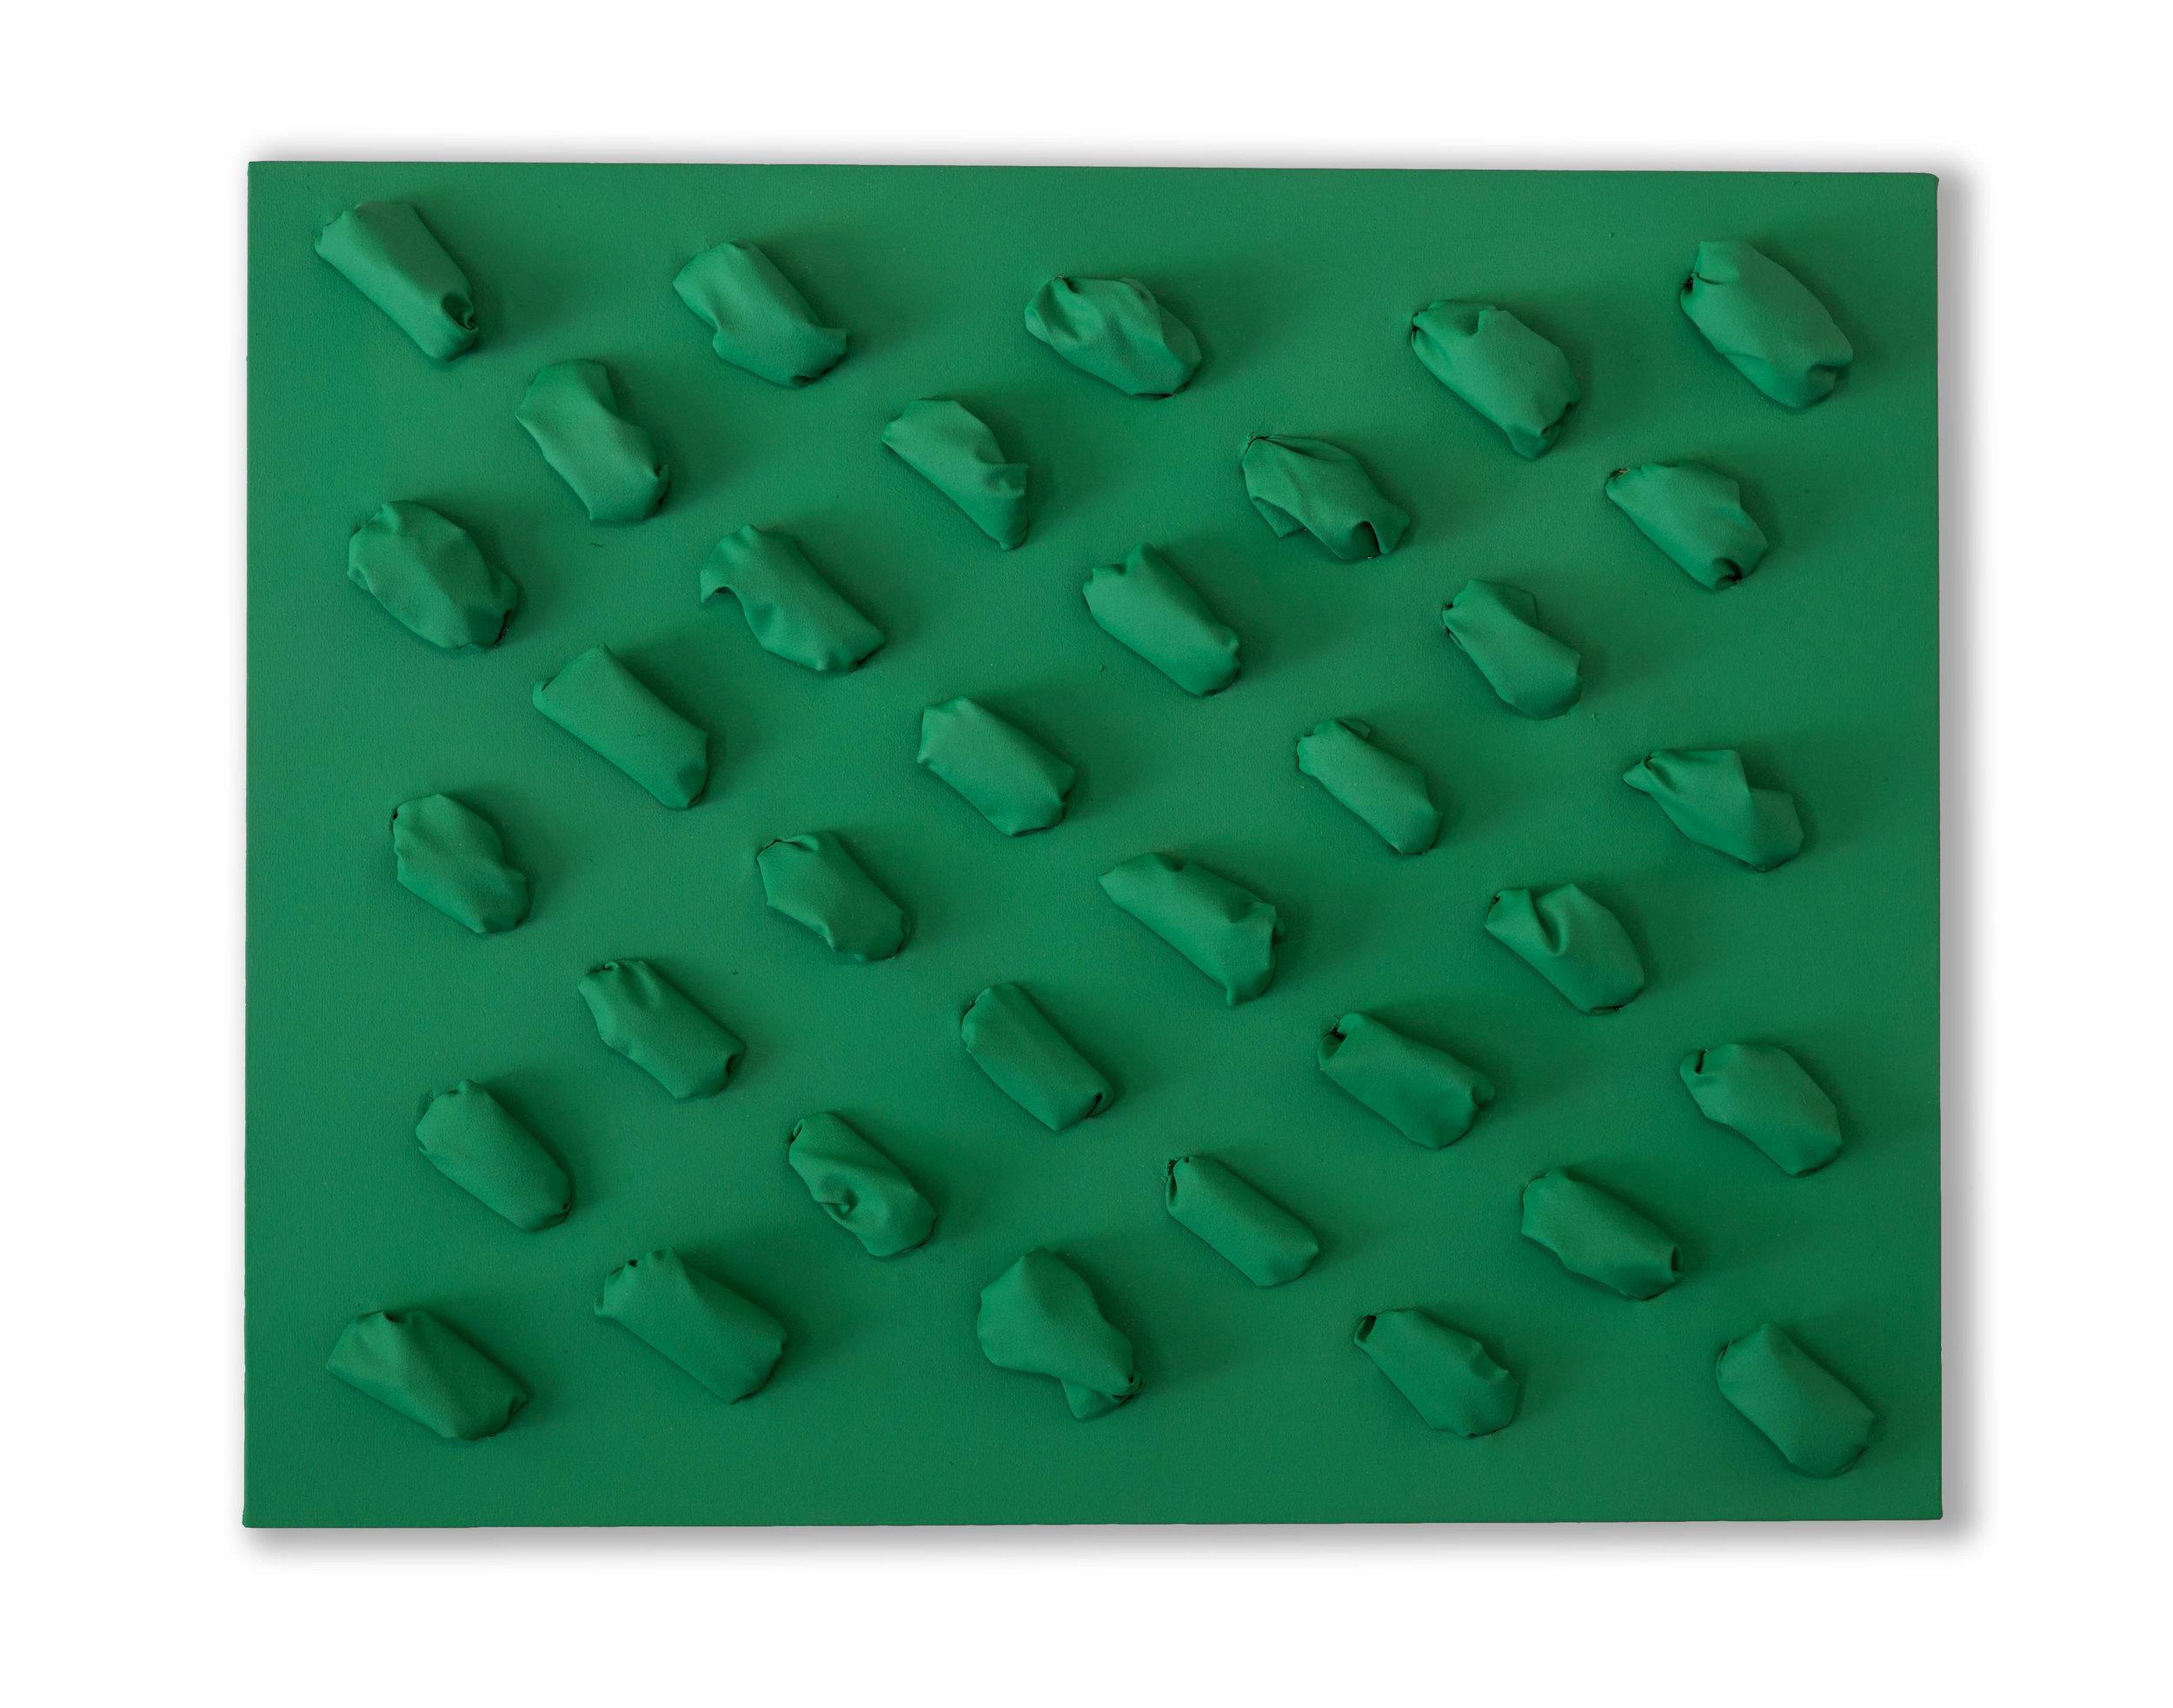 Flowing Cobalt Green  - 2018  Pigmento acrilico su tela stesa su tavola  80 x 100 x 14,5 cm